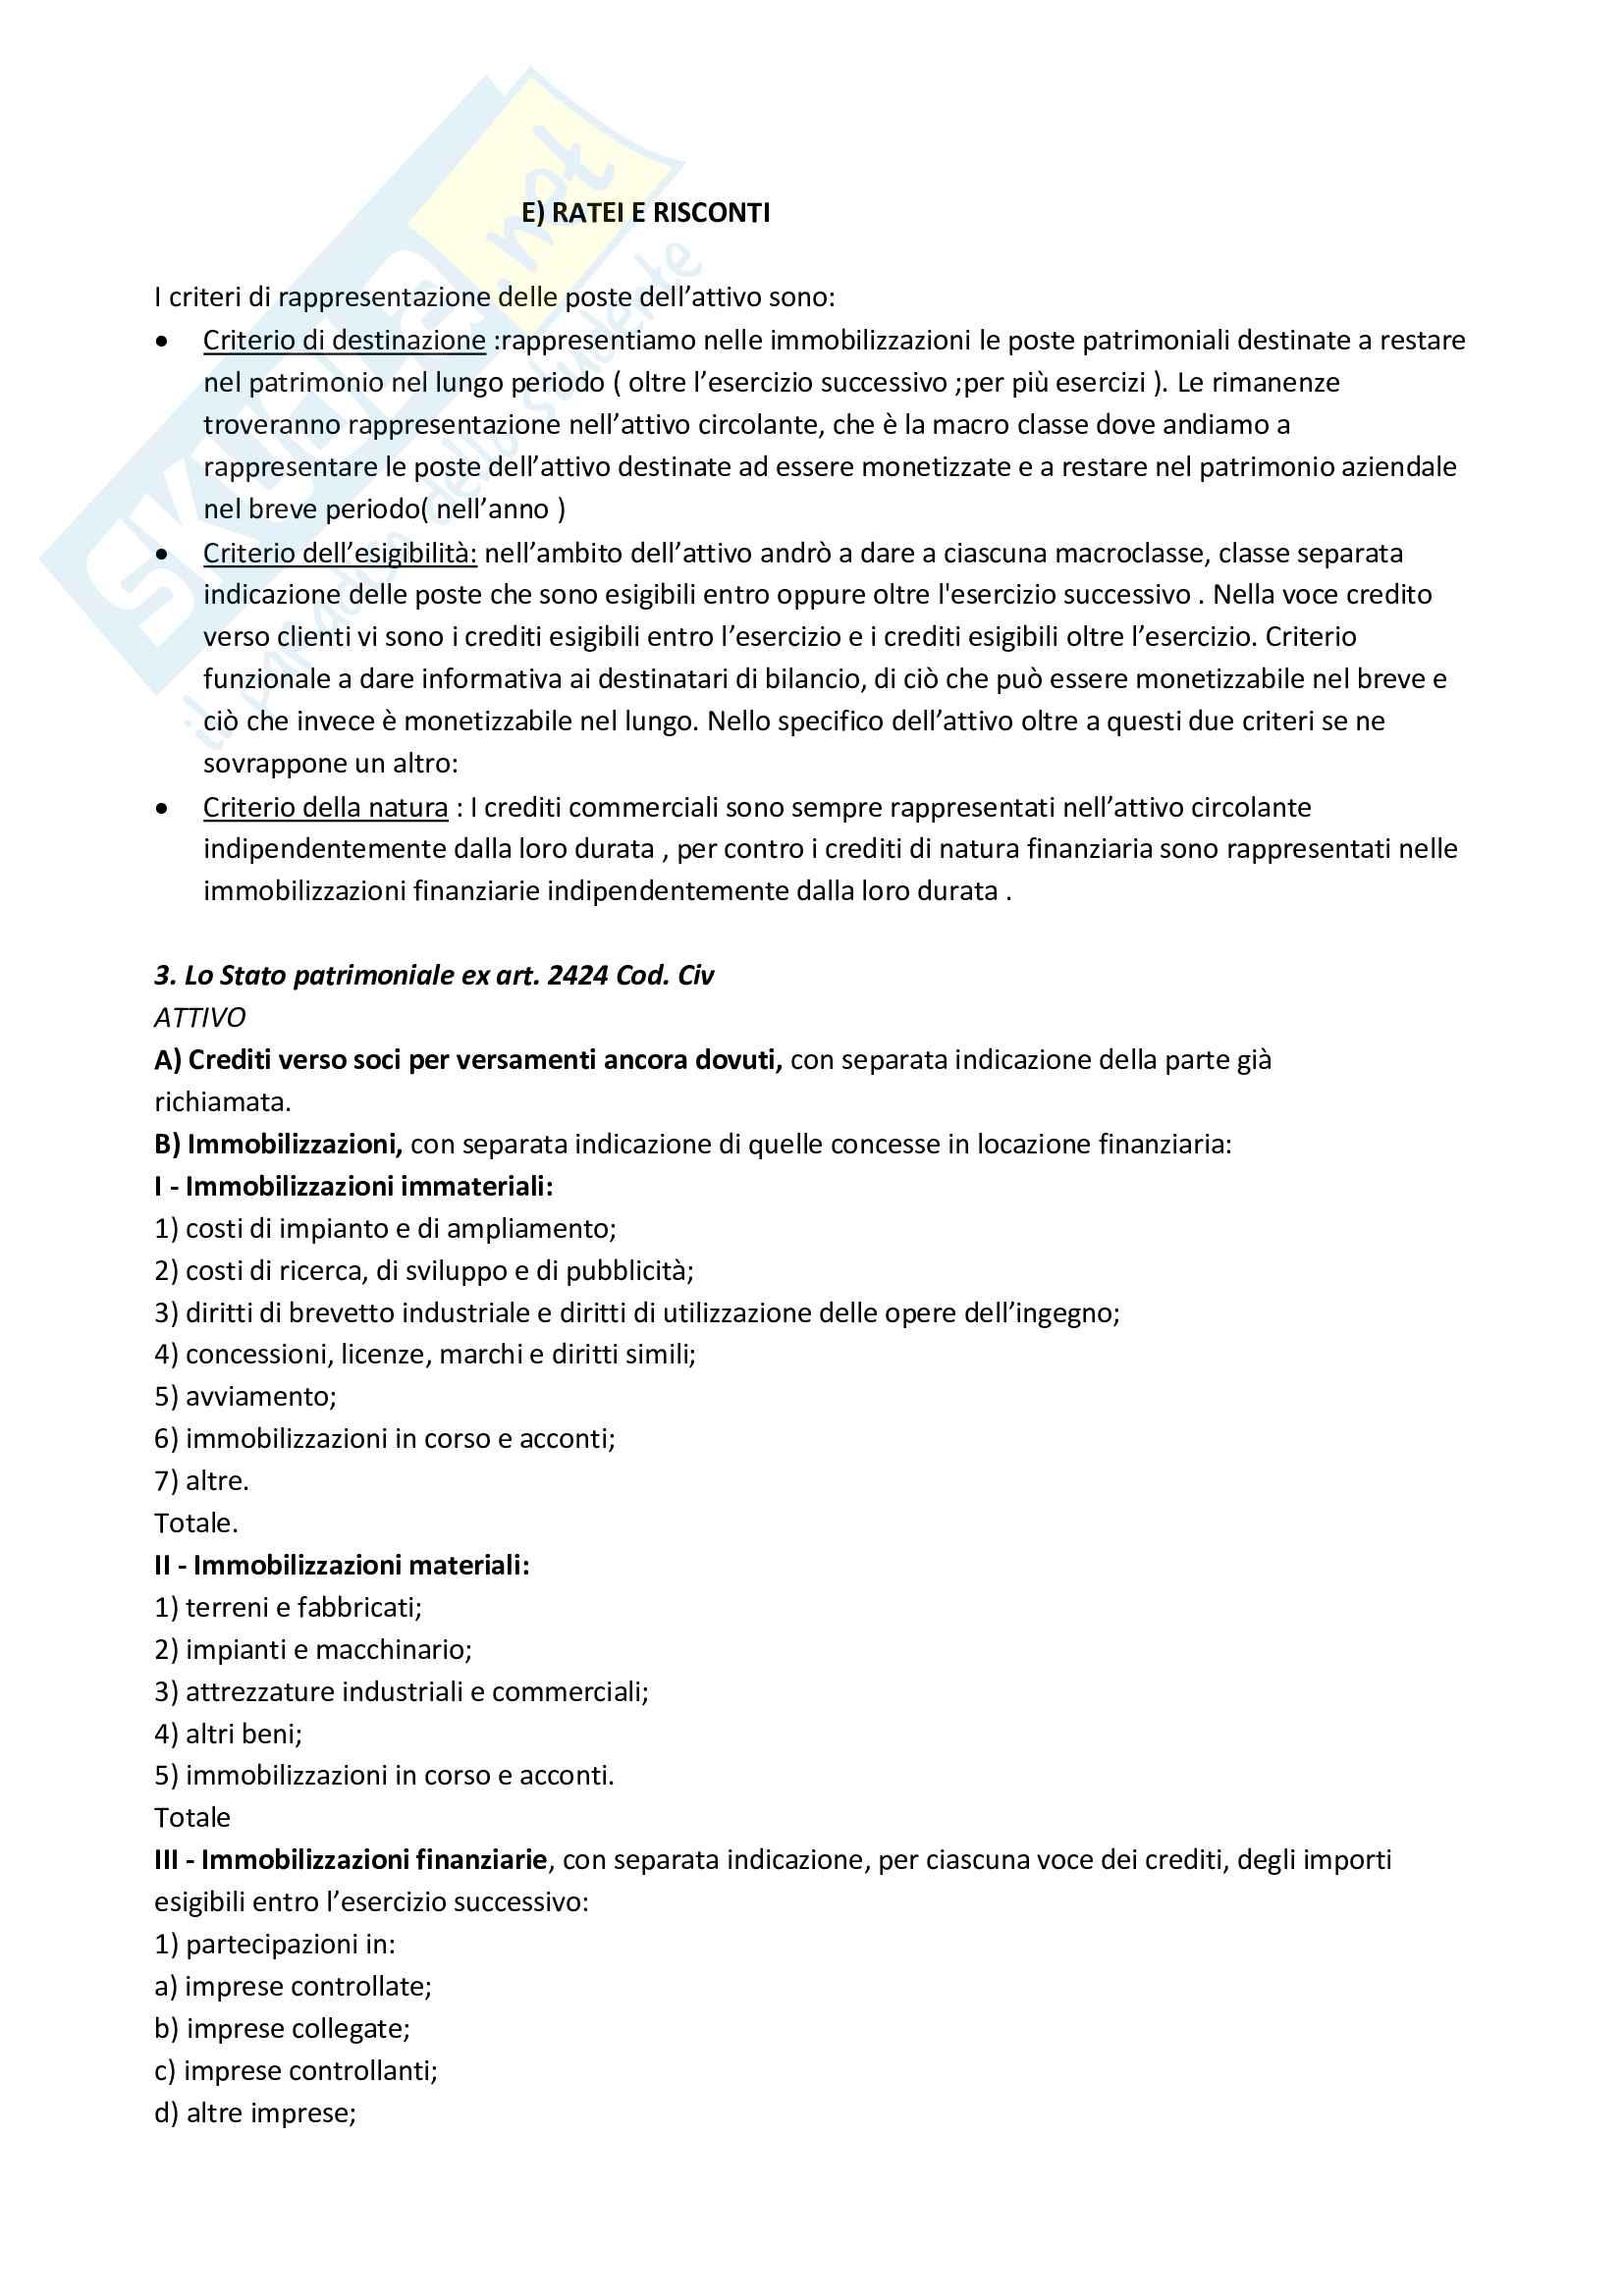 Metodologie e determinazioni quantitative d'azienda Pag. 21